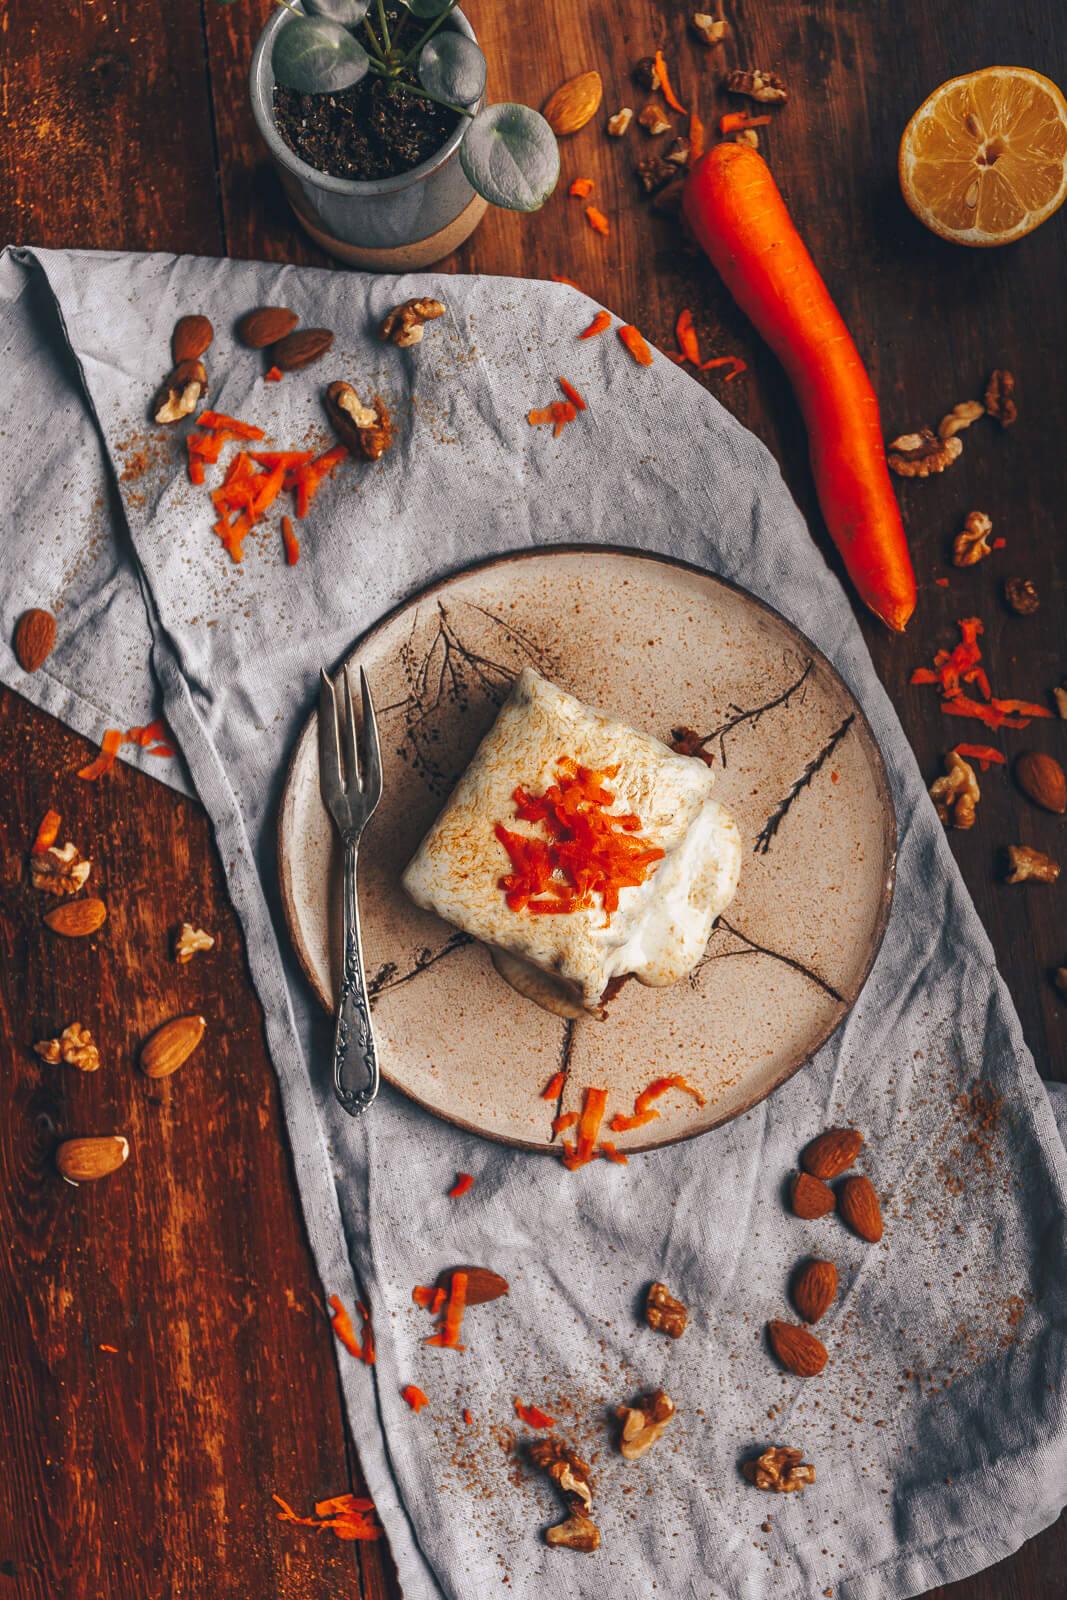 Karottenkuchen, Möhrenkuchen einfach, Kuchen Ostern vegan, Kuchen Ostern Karotten, Kuchen Möhren Ostern vegan, veganer Karottenkuchen Ostern, veganer Kuchen Ostern, Kuchen vegan Karotten Ostern, einfacher Möhrenkuchen vegan, Karottenkuchen vegan einfach